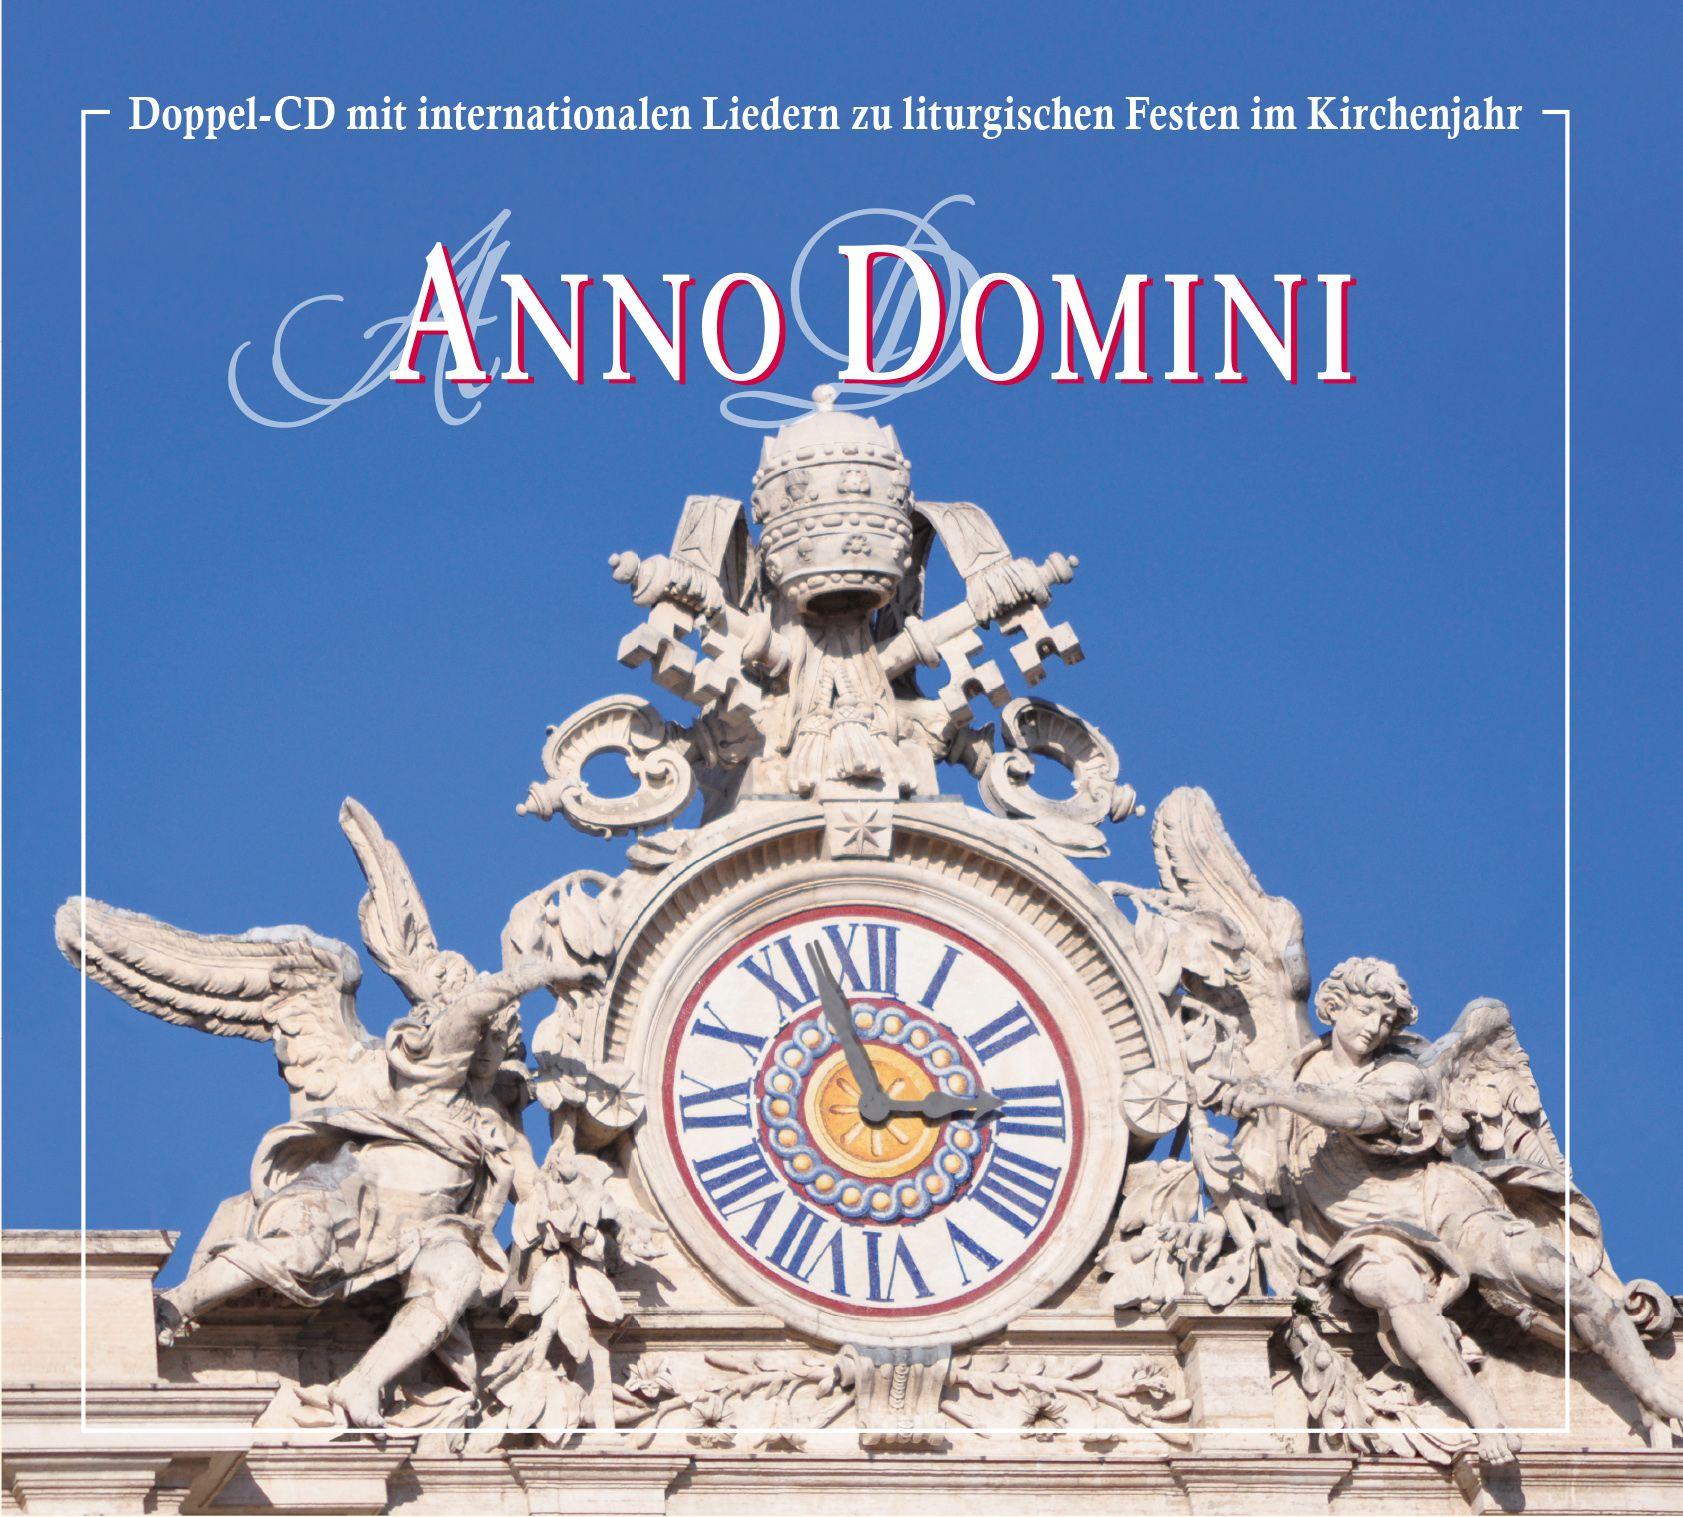 Briefe Mit Vergifteter Cd : Anno domini von förderstiftung familie mariens doppel cd